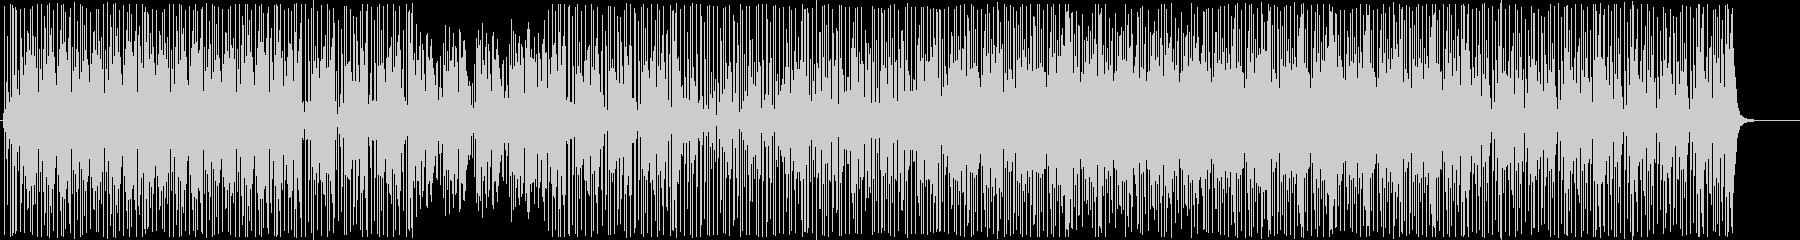 クール-ファンキーなウッドベースビートの未再生の波形